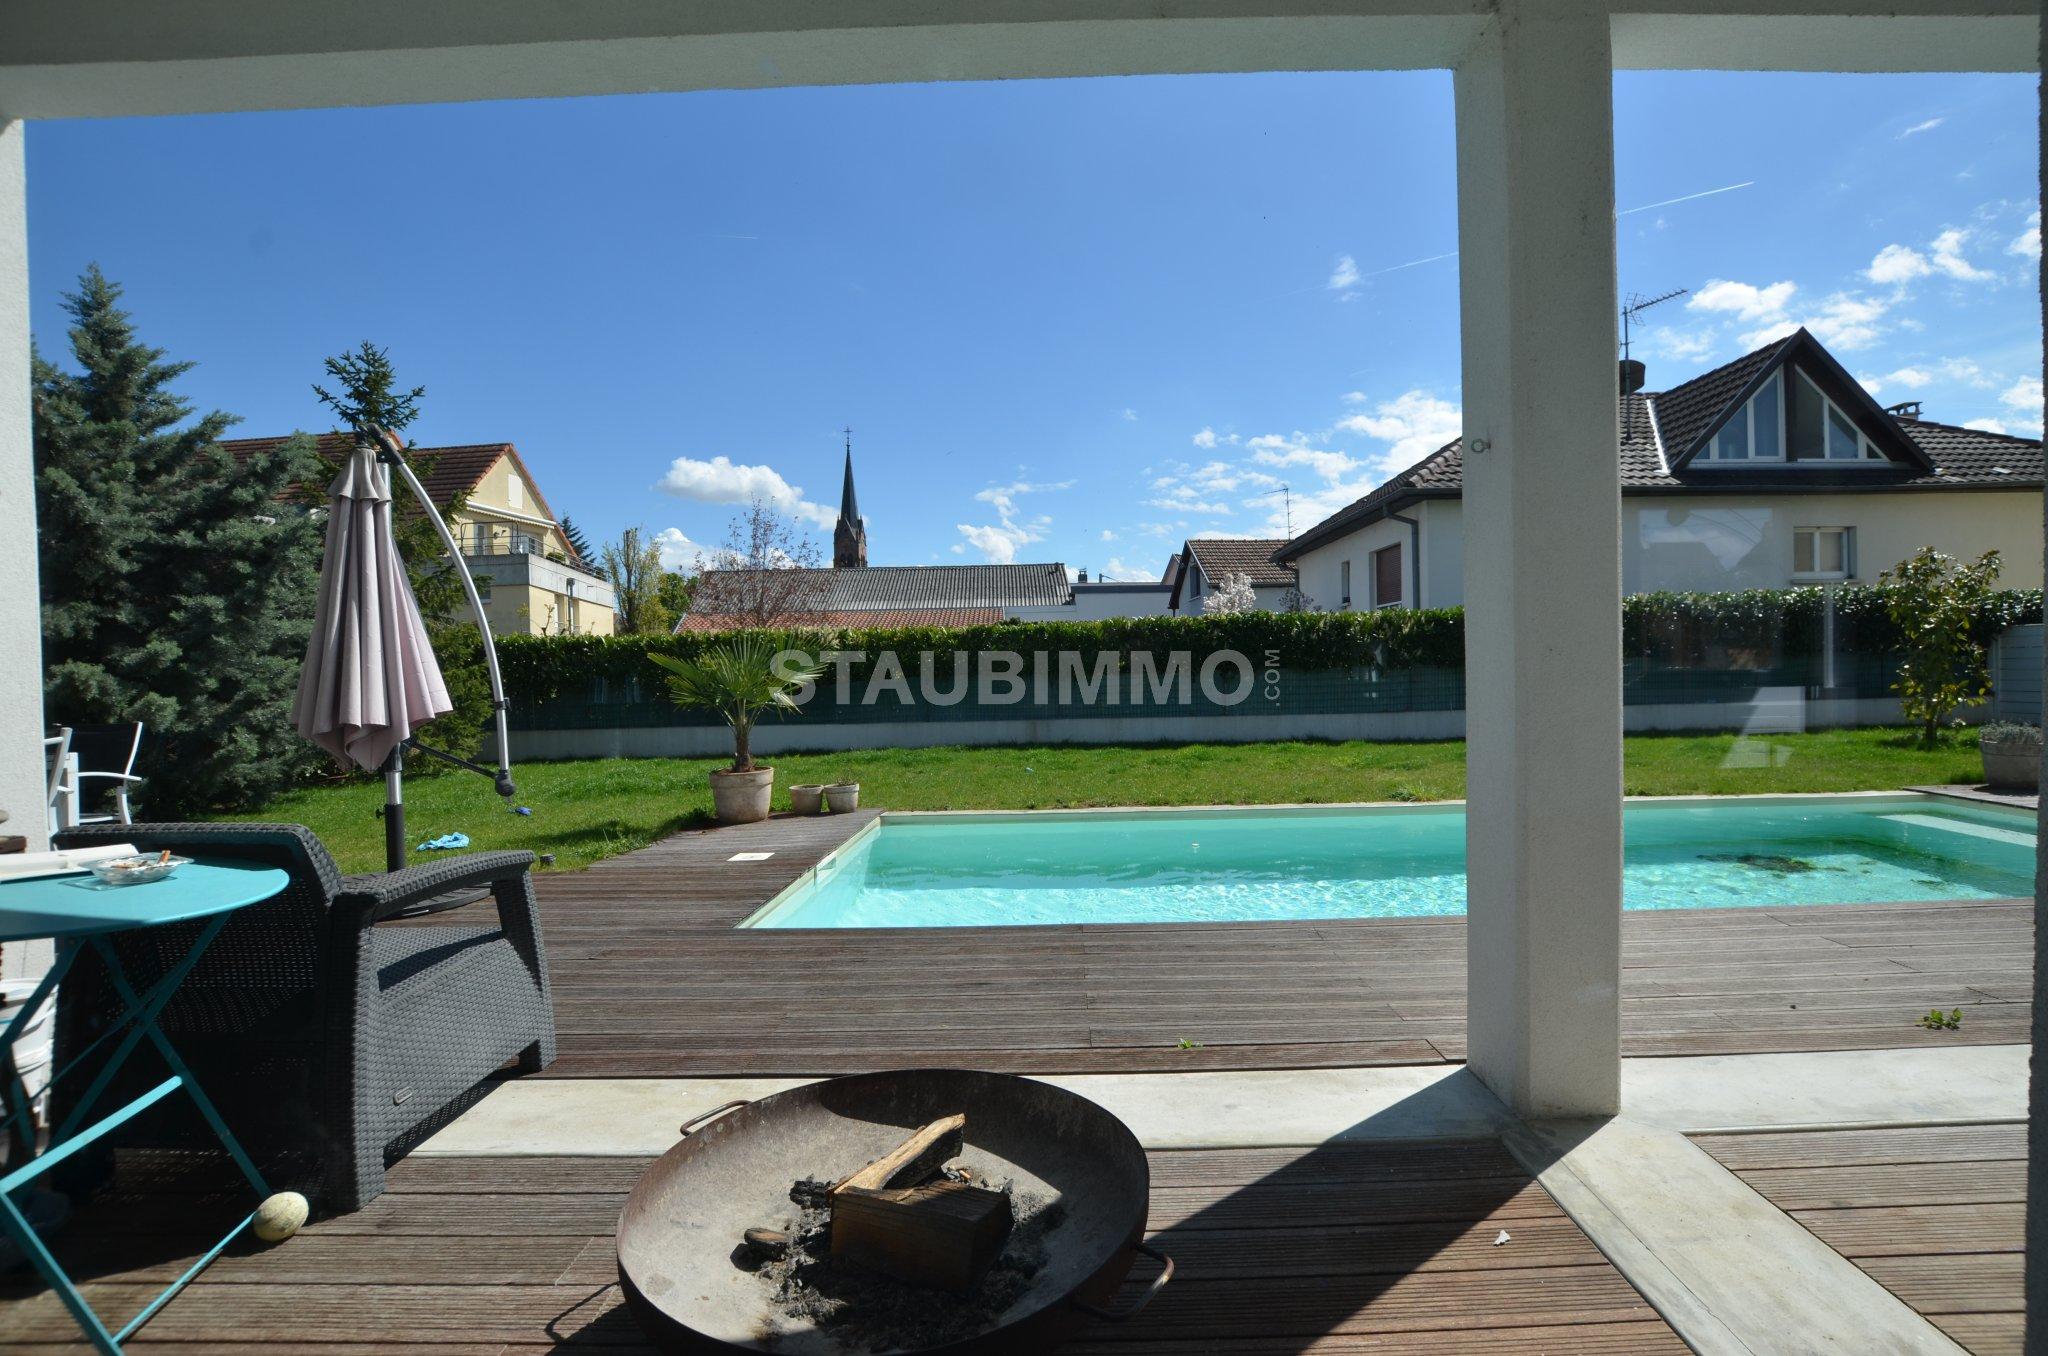 Location Village-Neuf Maison De 272 M² Avec Piscine Sur 9,40 ... avec Piscine Village Neuf